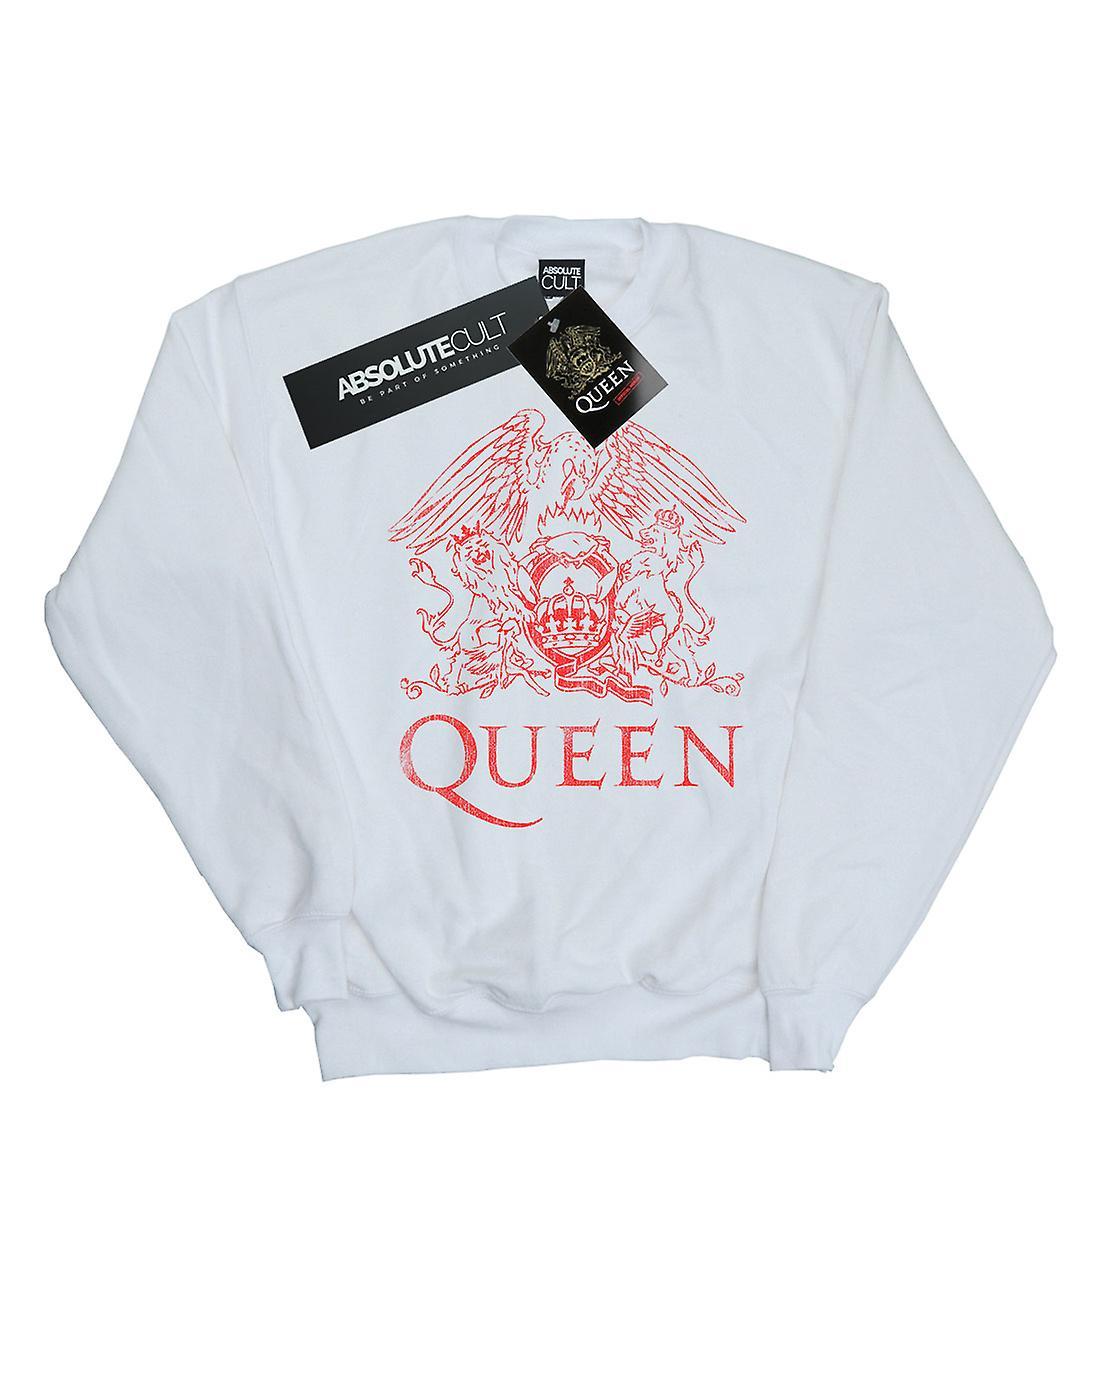 Queen Women's Distressed Crest Sweatshirt